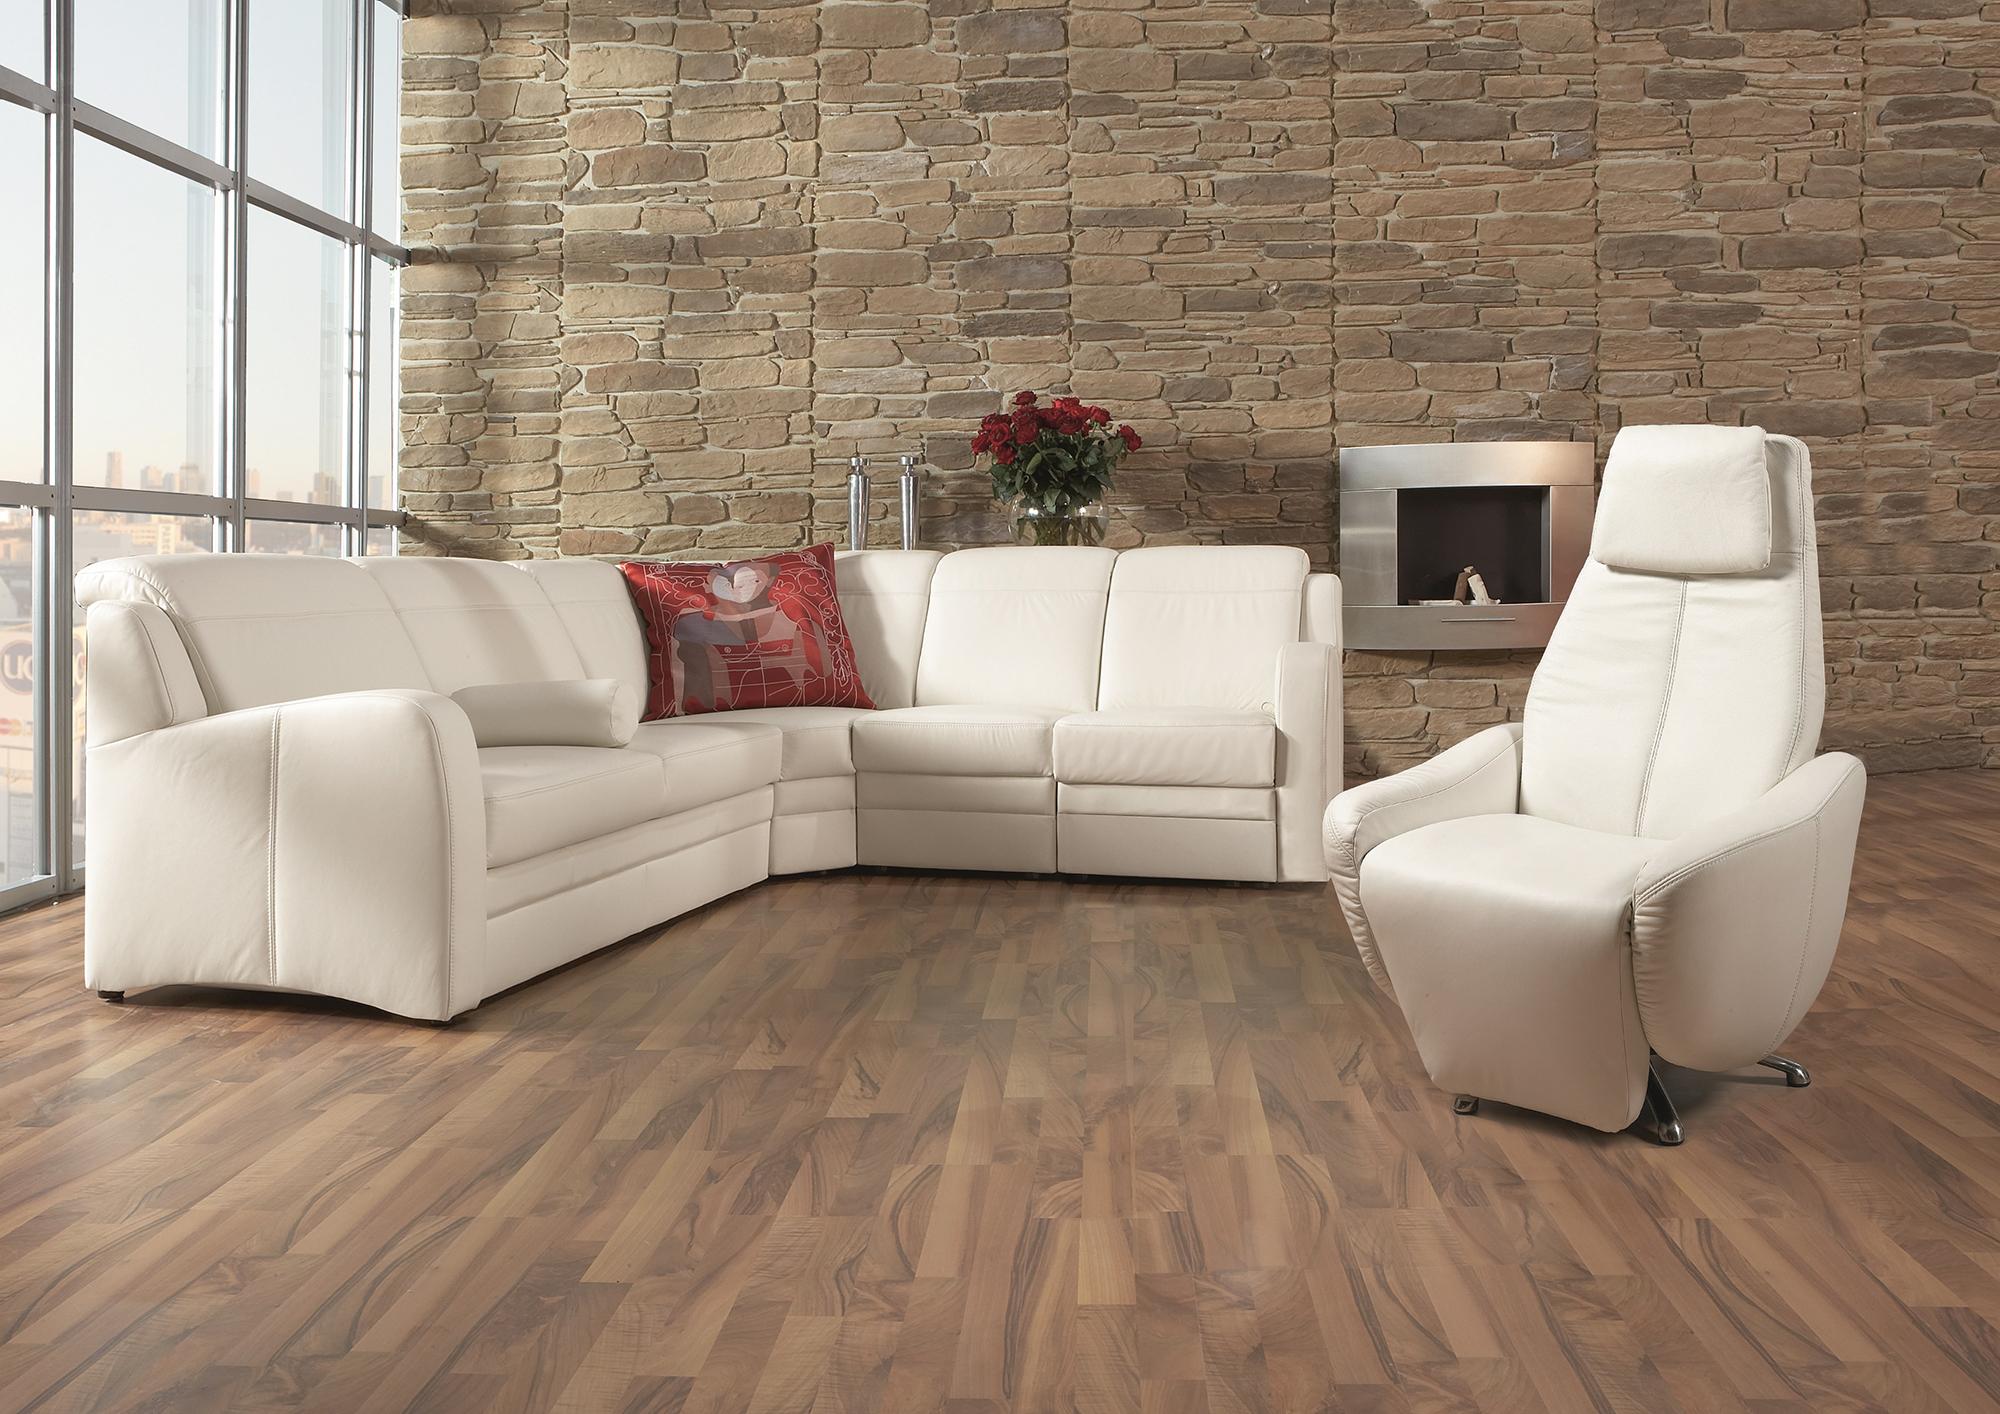 Белый угловой кожаный диван и кресло в гостиной